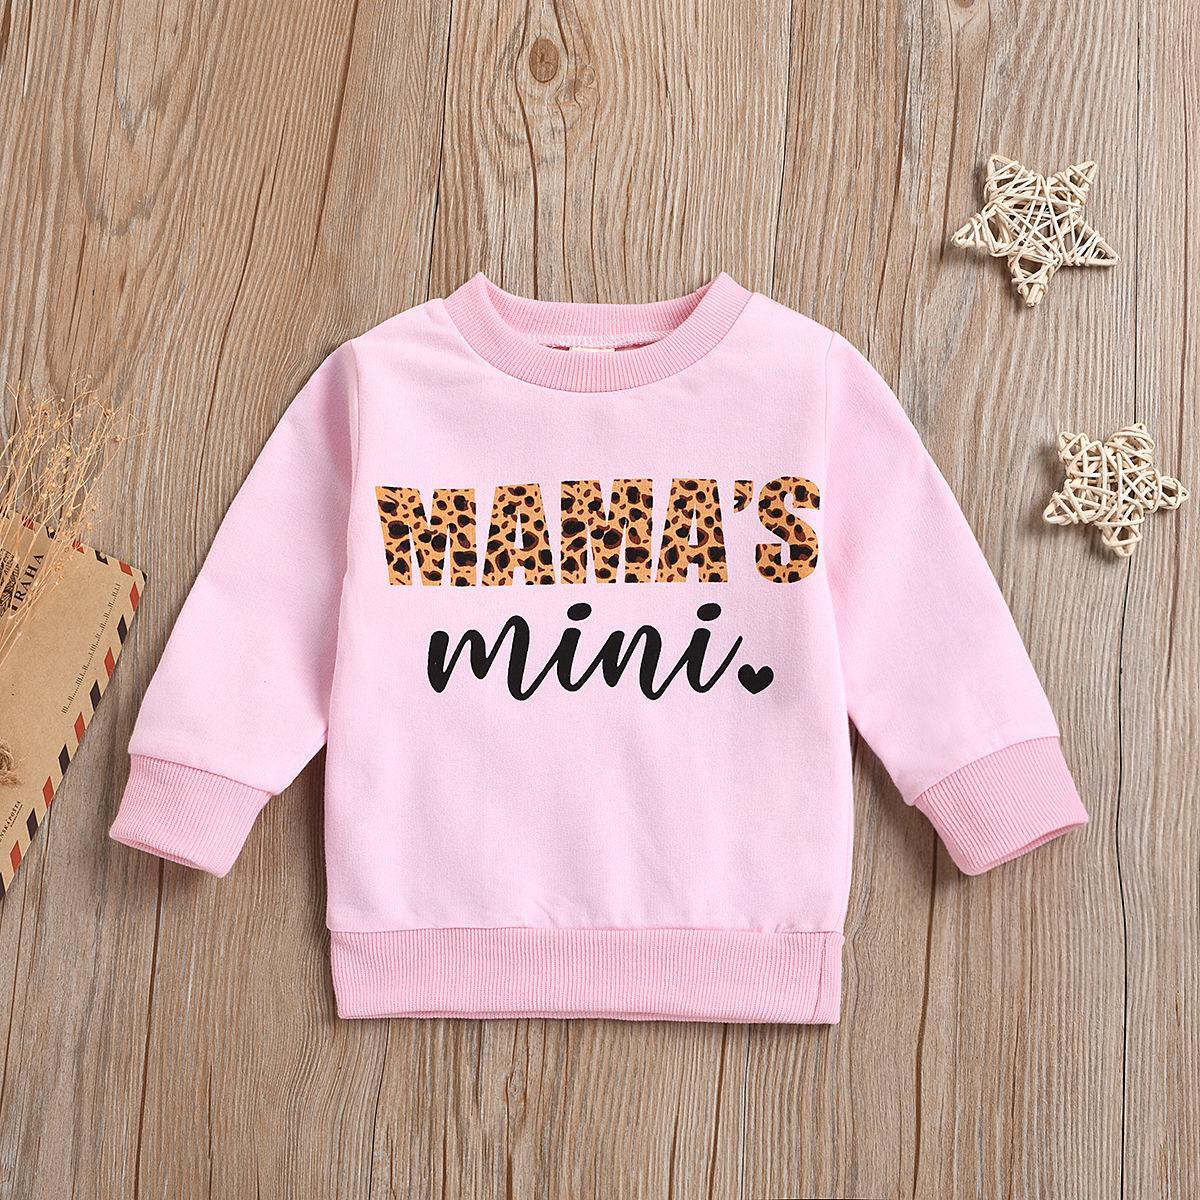 Осенне-зимняя одежда для малышей, Детский свитер с длинным рукавом и принтом для девочек, пуловер, Топ